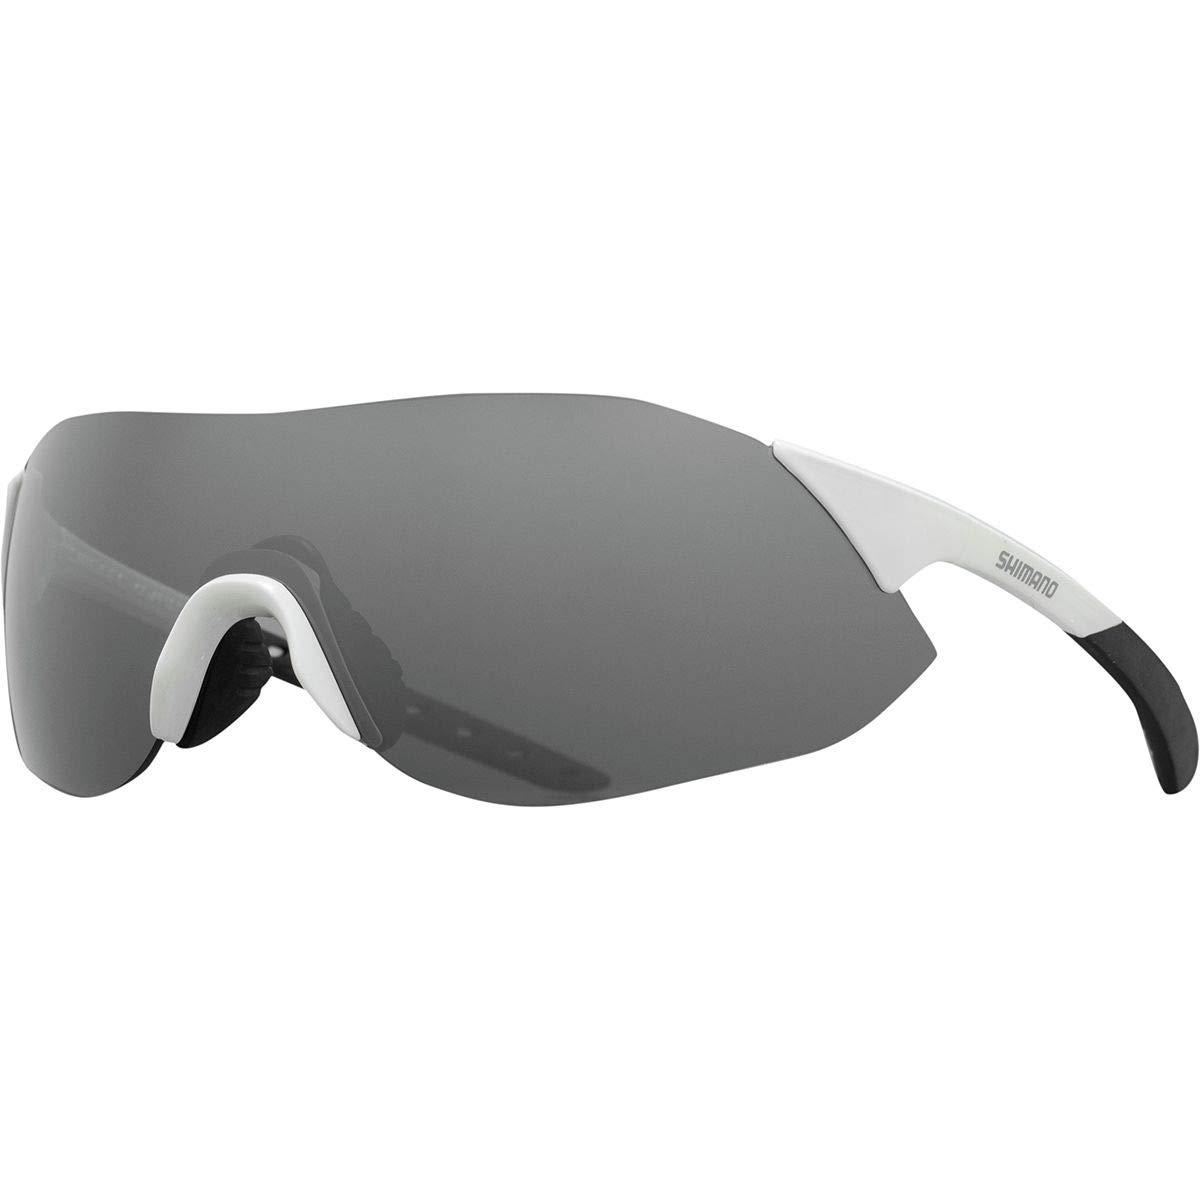 [シマノ] メンズ サングラスアイウェア Aerolite S Cycling Sunglasses - CE-ARLS [並行輸入品] No-Size  B07QNK53ZP